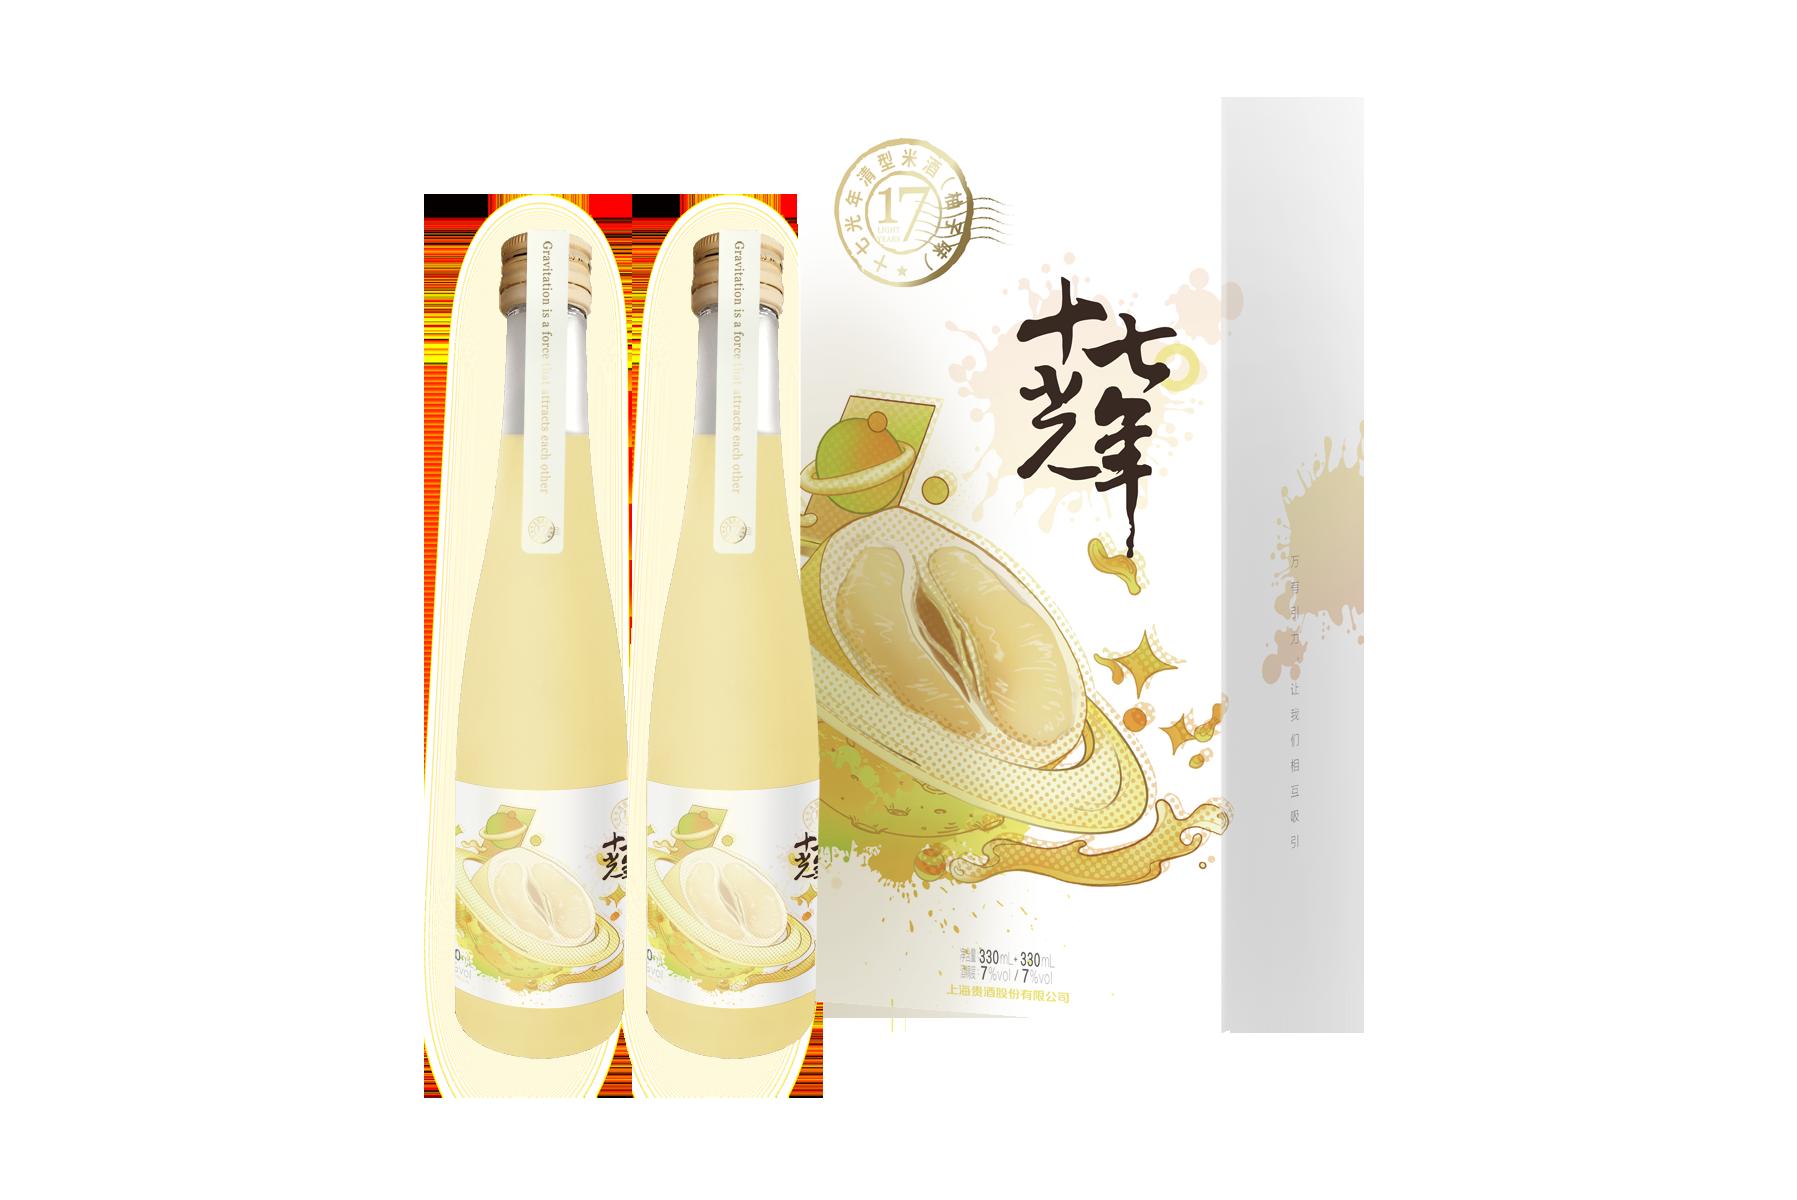 十七光年柚子酒